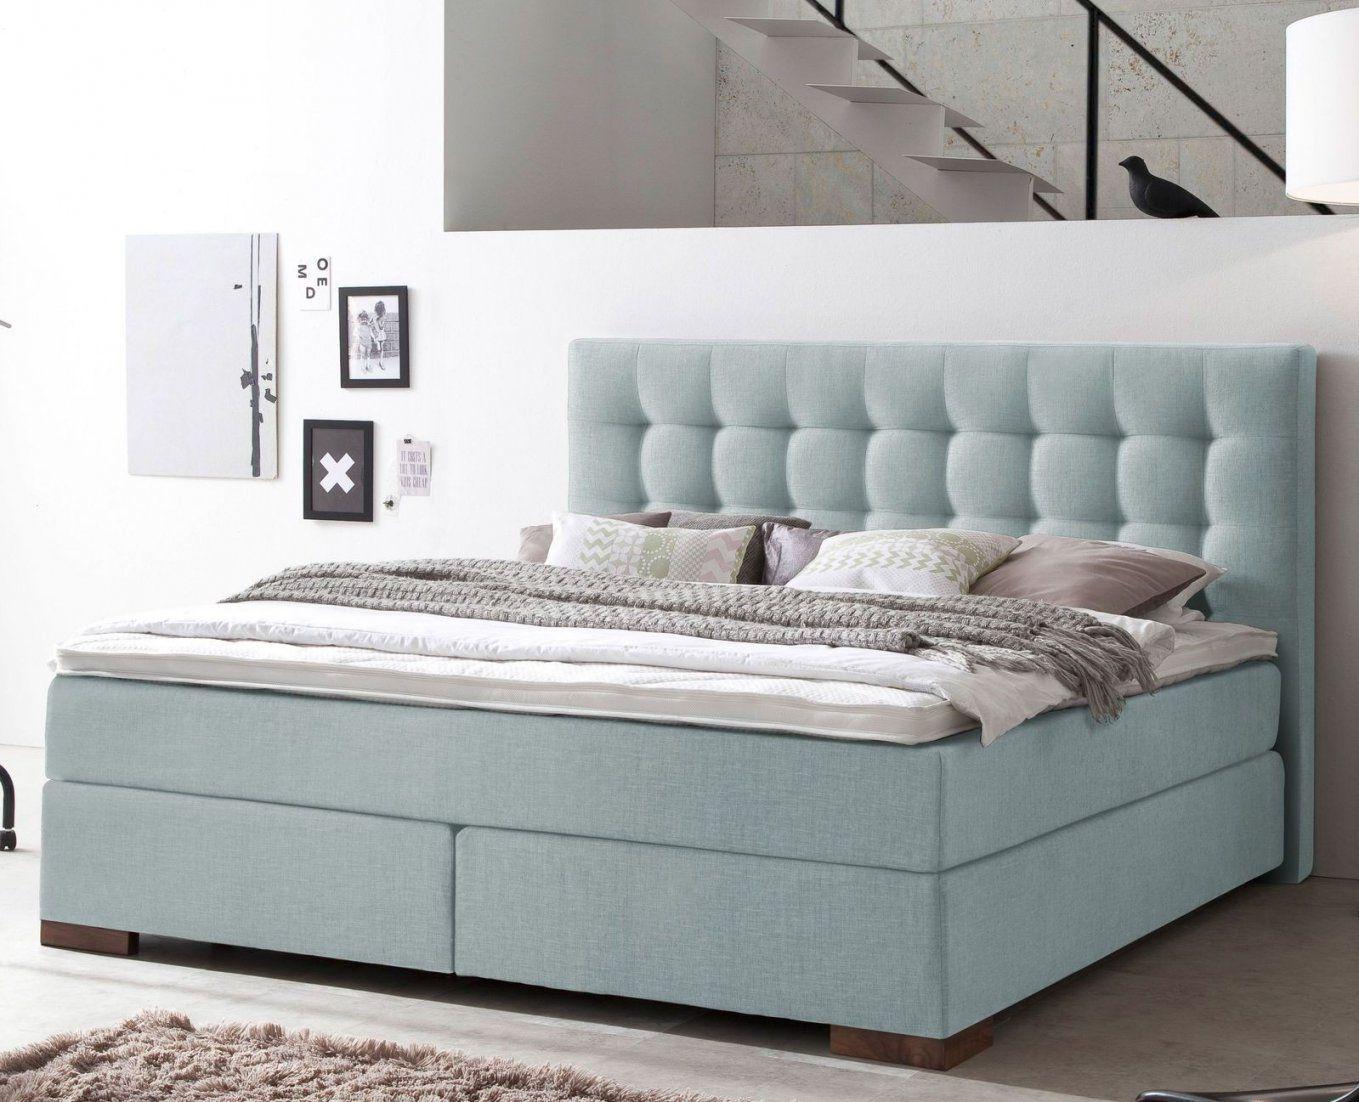 22 Stylish Muster Bezieht Sich Auf Boxspring Bett  Beste Sammlung von Boxspring Betten Beziehen Bild